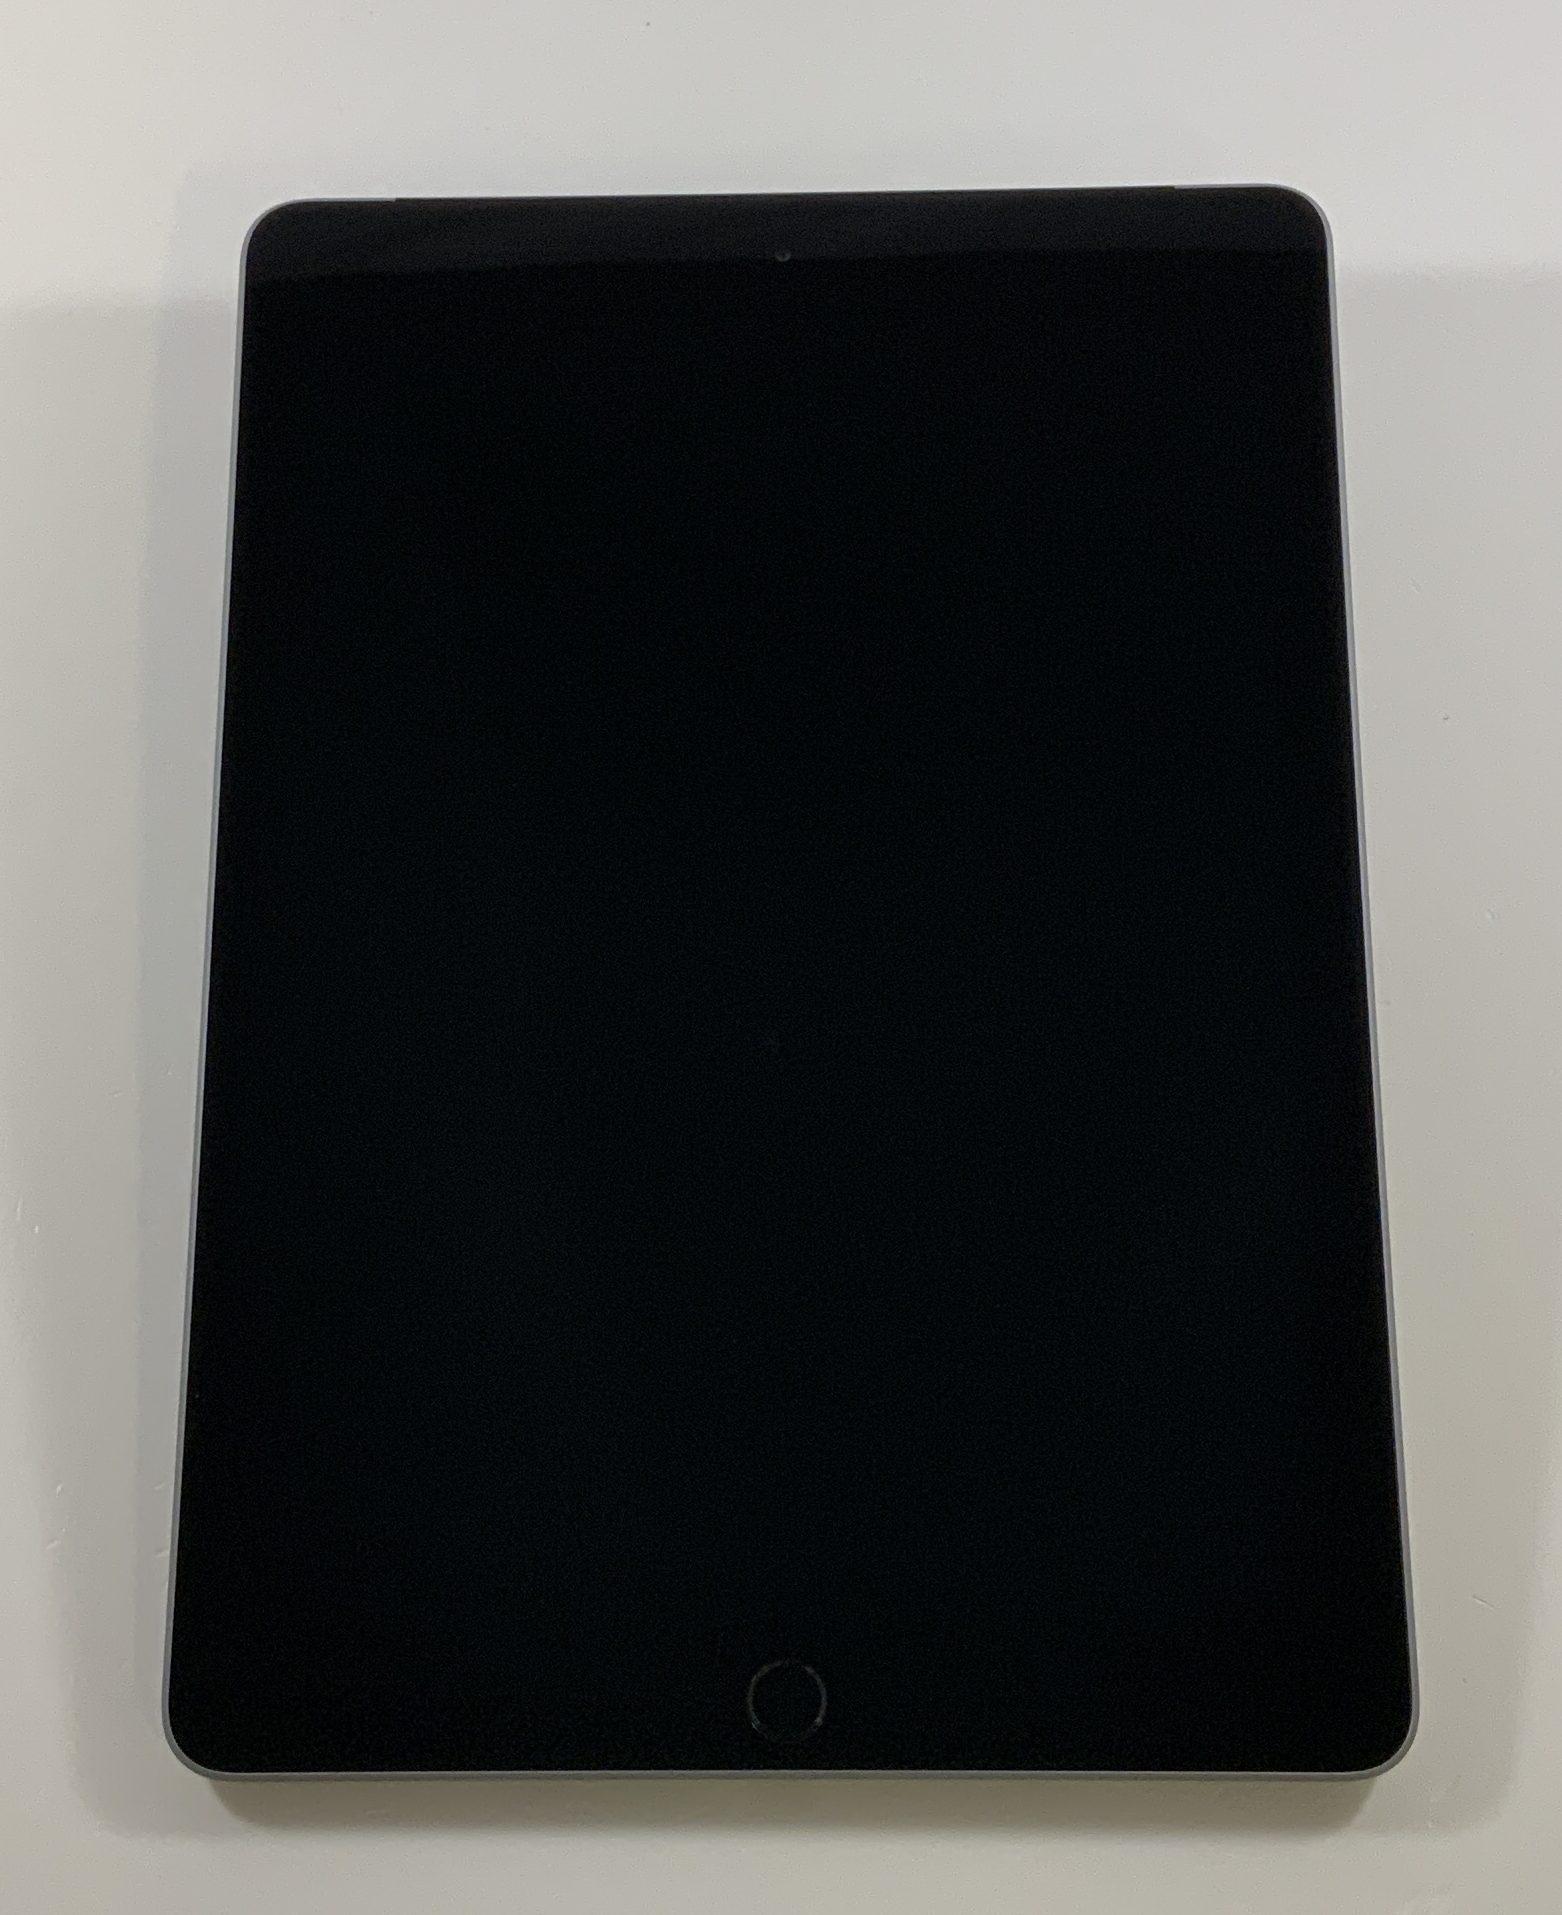 iPad 6 Wi-Fi + Cellular 128GB, 128GB, Space Gray, Afbeelding 1